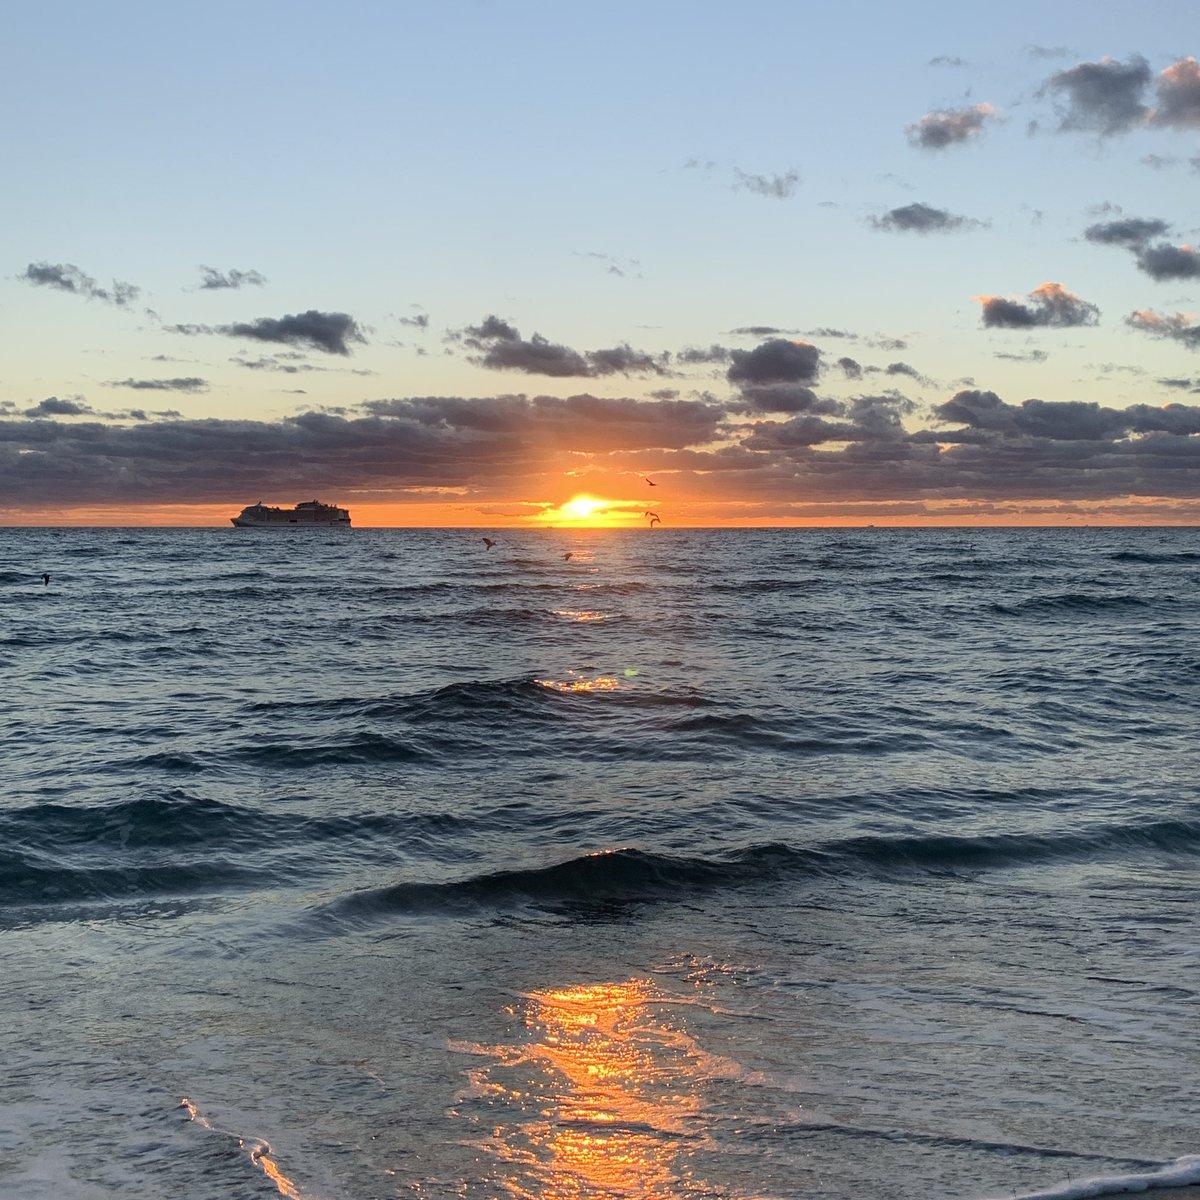 #SunriseCelebration it's a new dawn for America. #MiamiBeach 🇺🇸🙏🏻🇺🇸